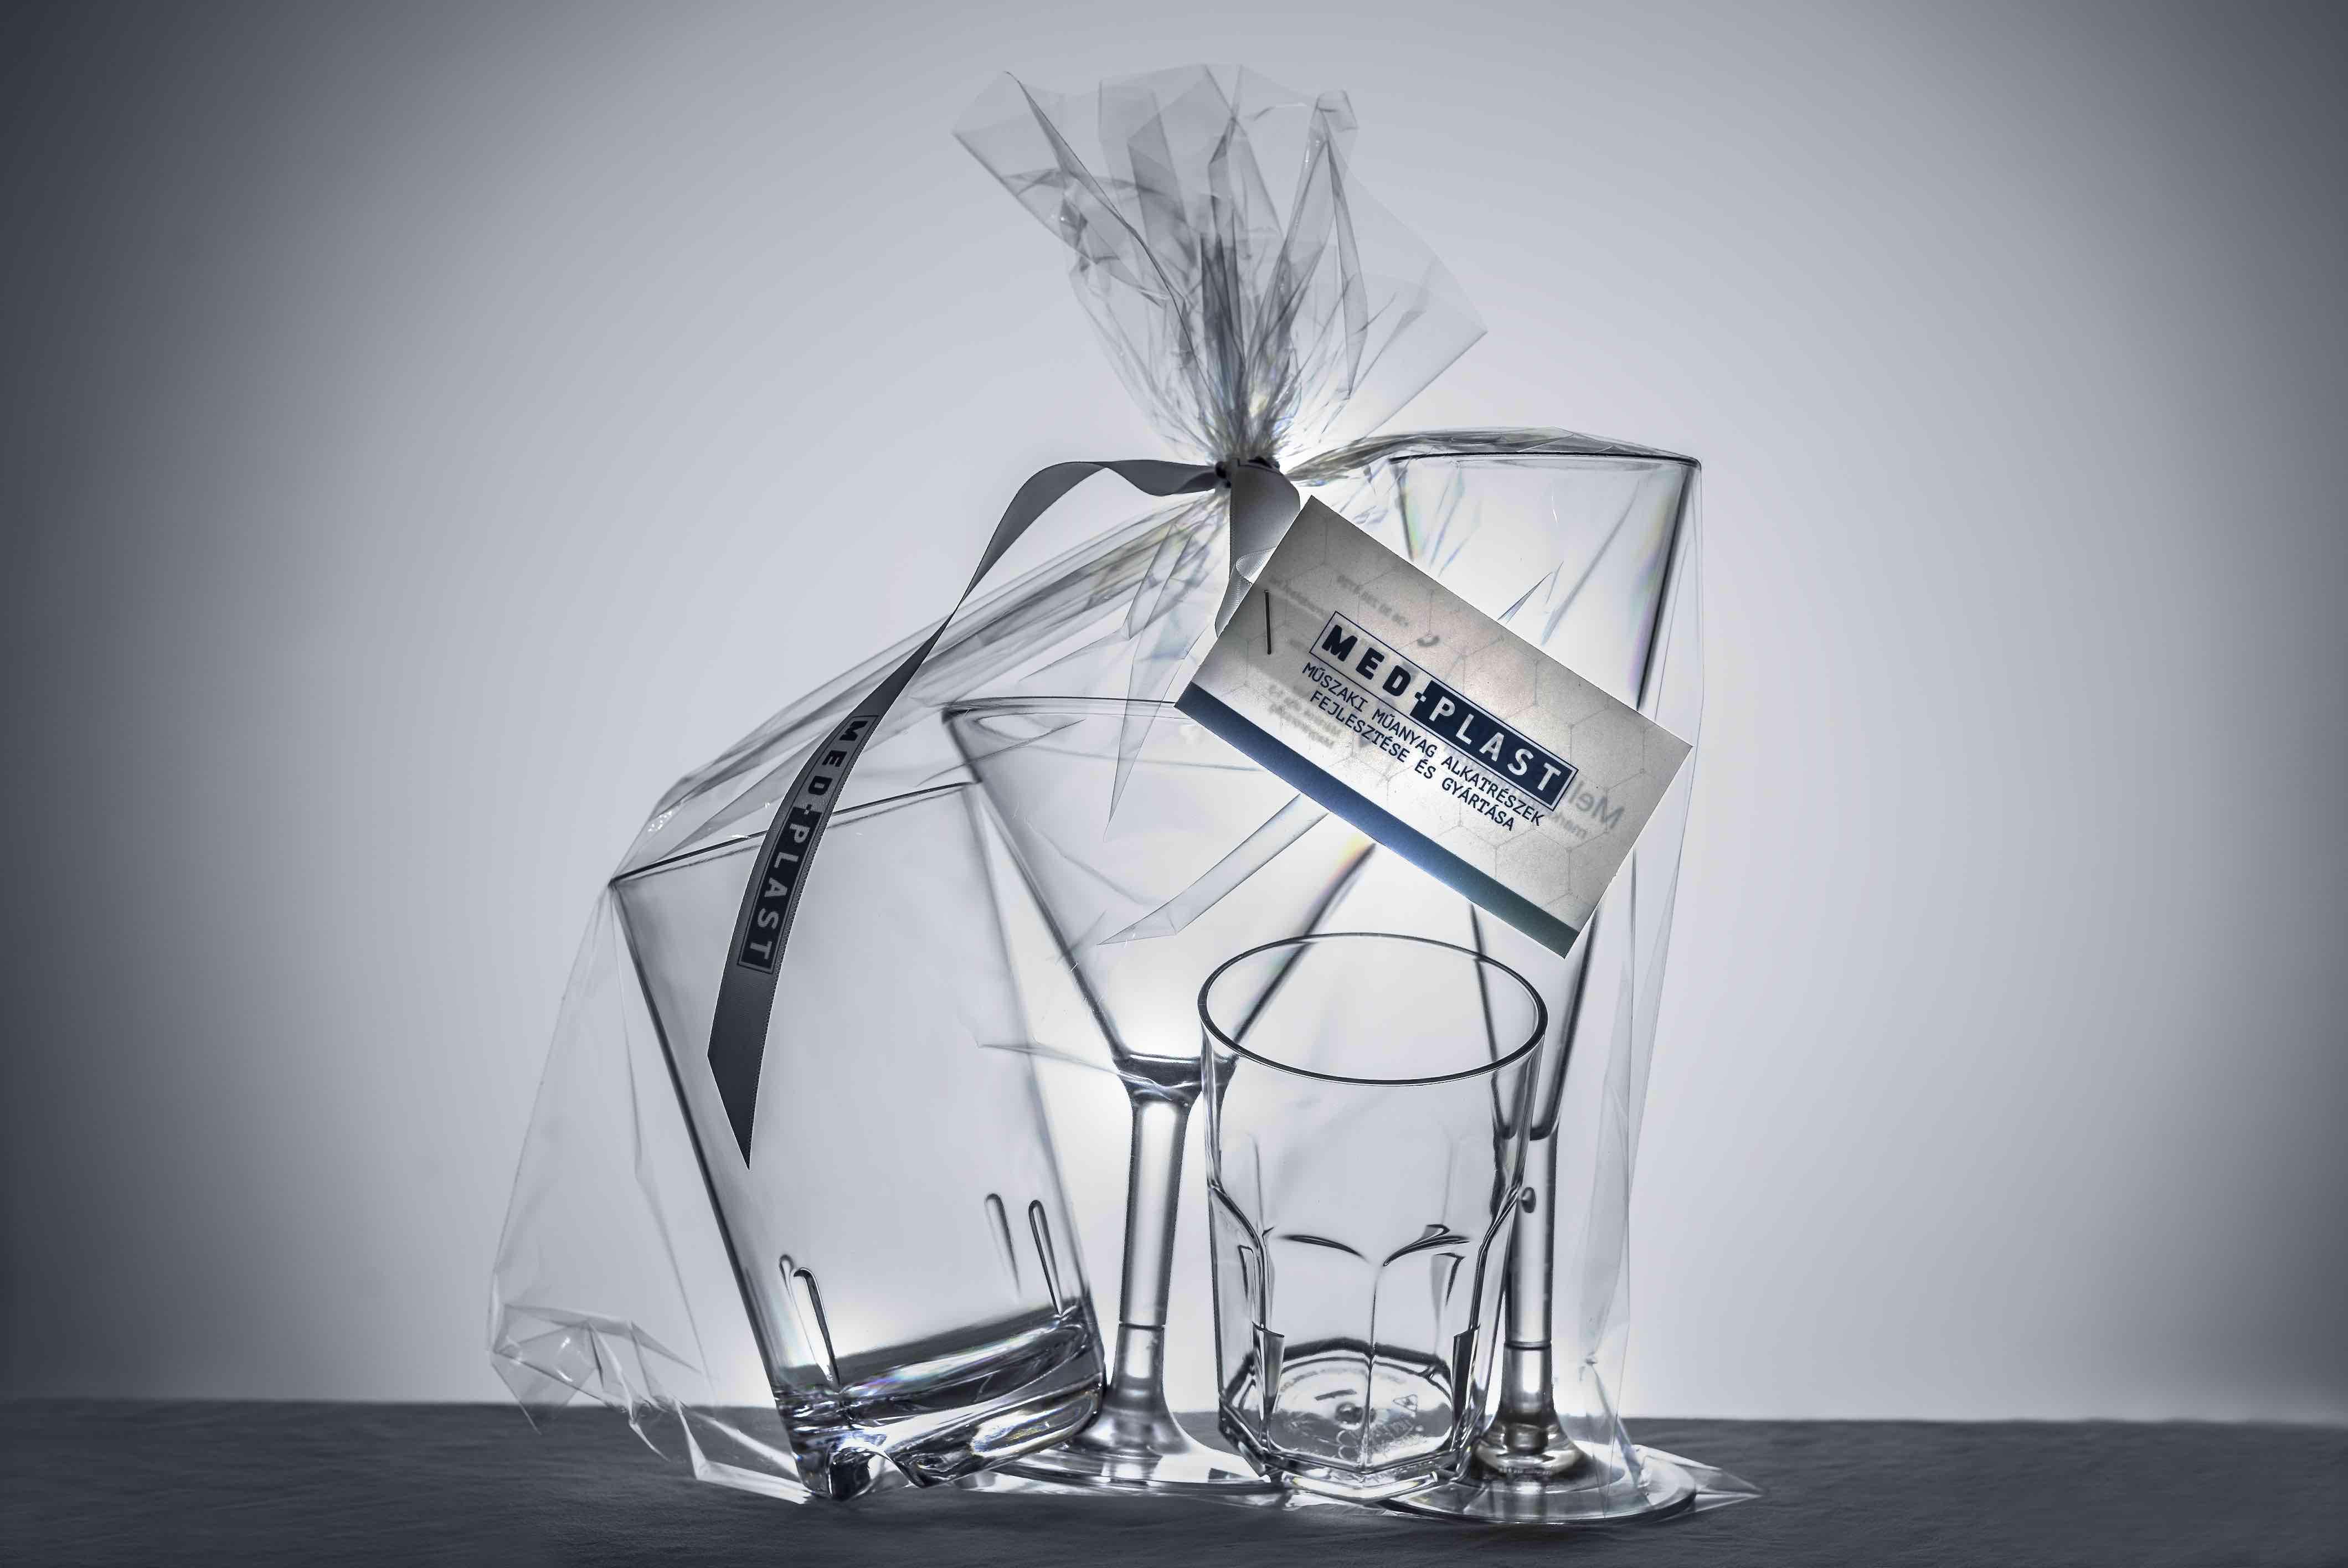 medplast műanyag pohár termékek